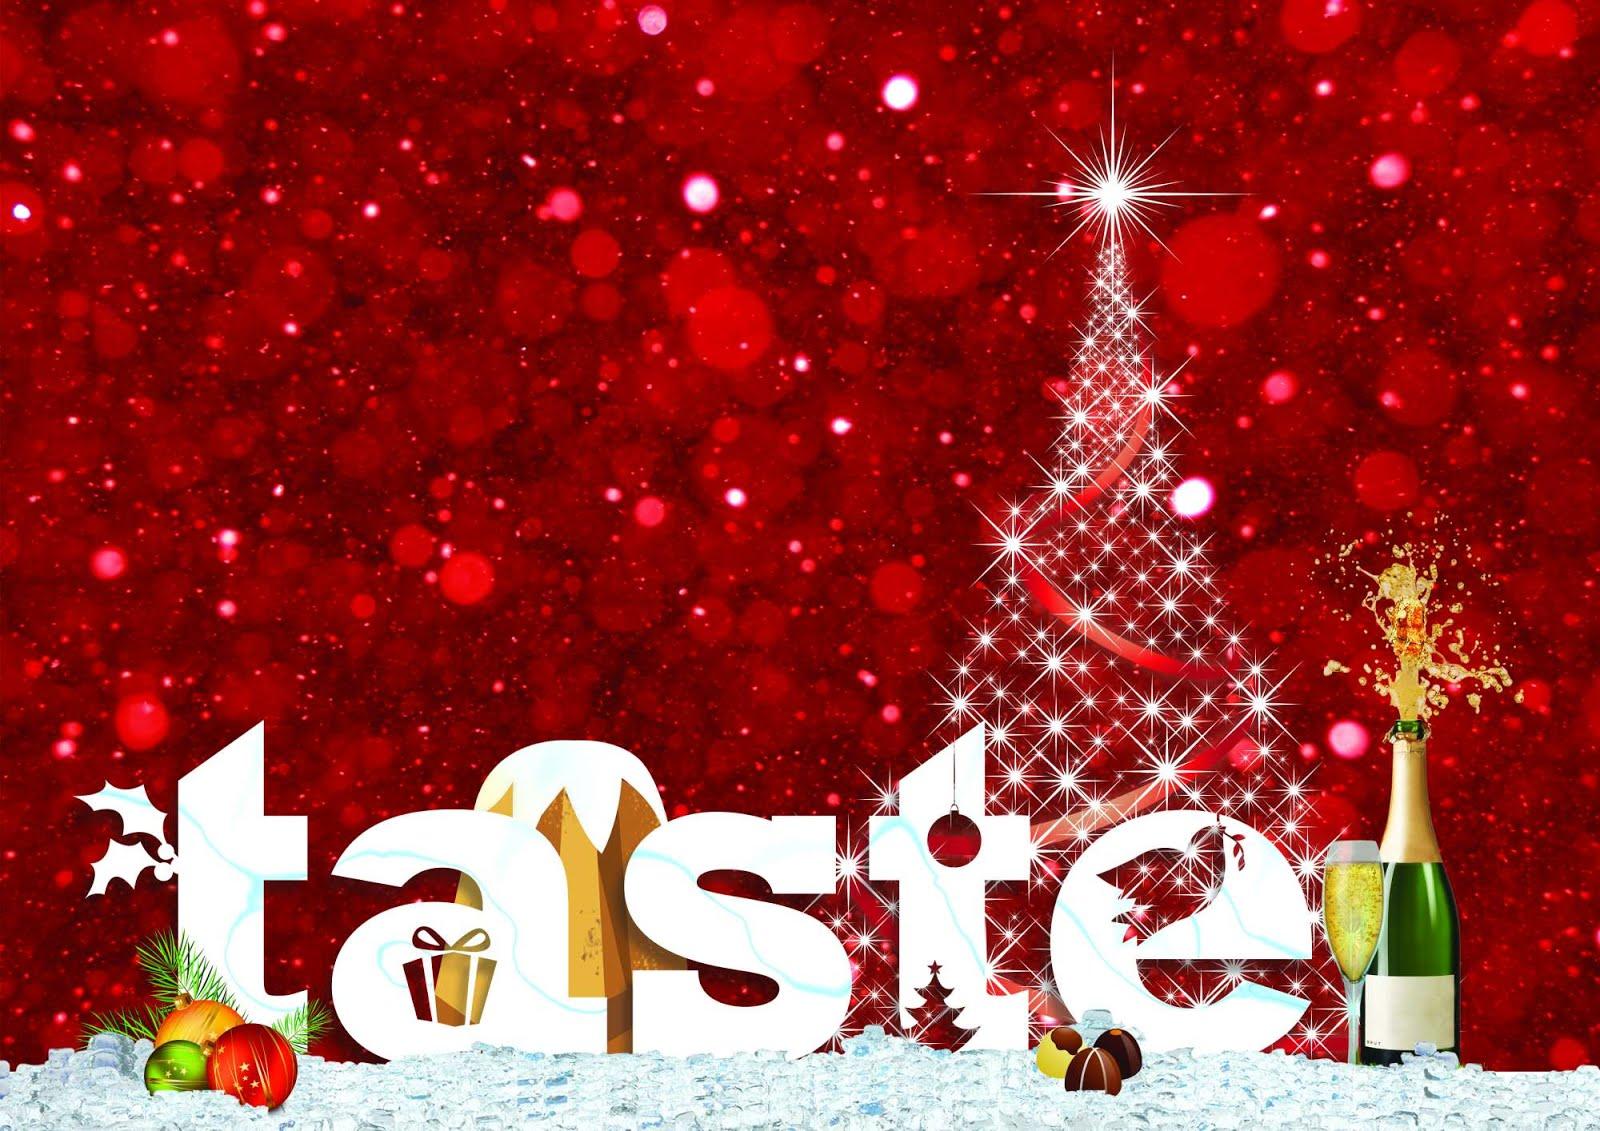 TASTE OF CHRISTMAS: A BOLOGNA IL GUSTO DEL NATALE